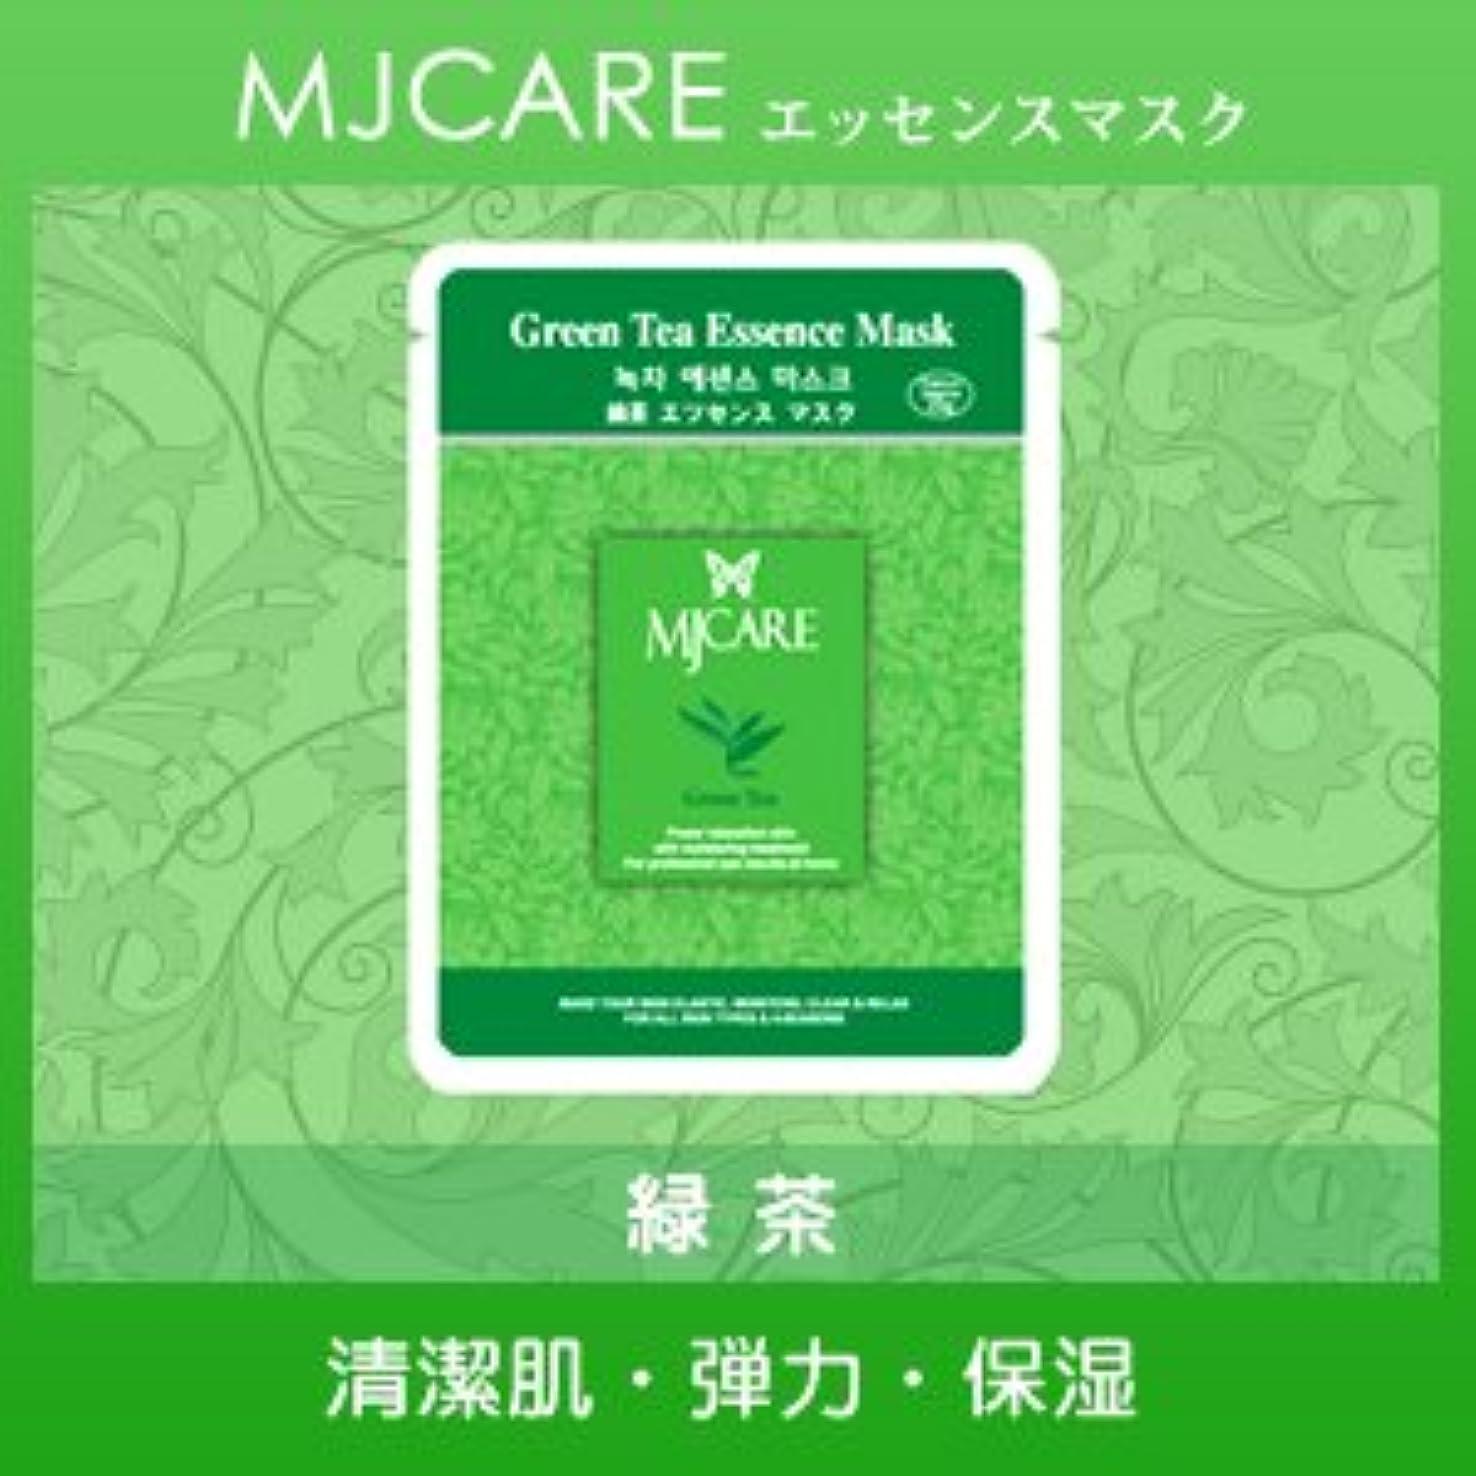 表示狭い粒子MJCARE (エムジェイケア) 緑茶 エッセンスマスク